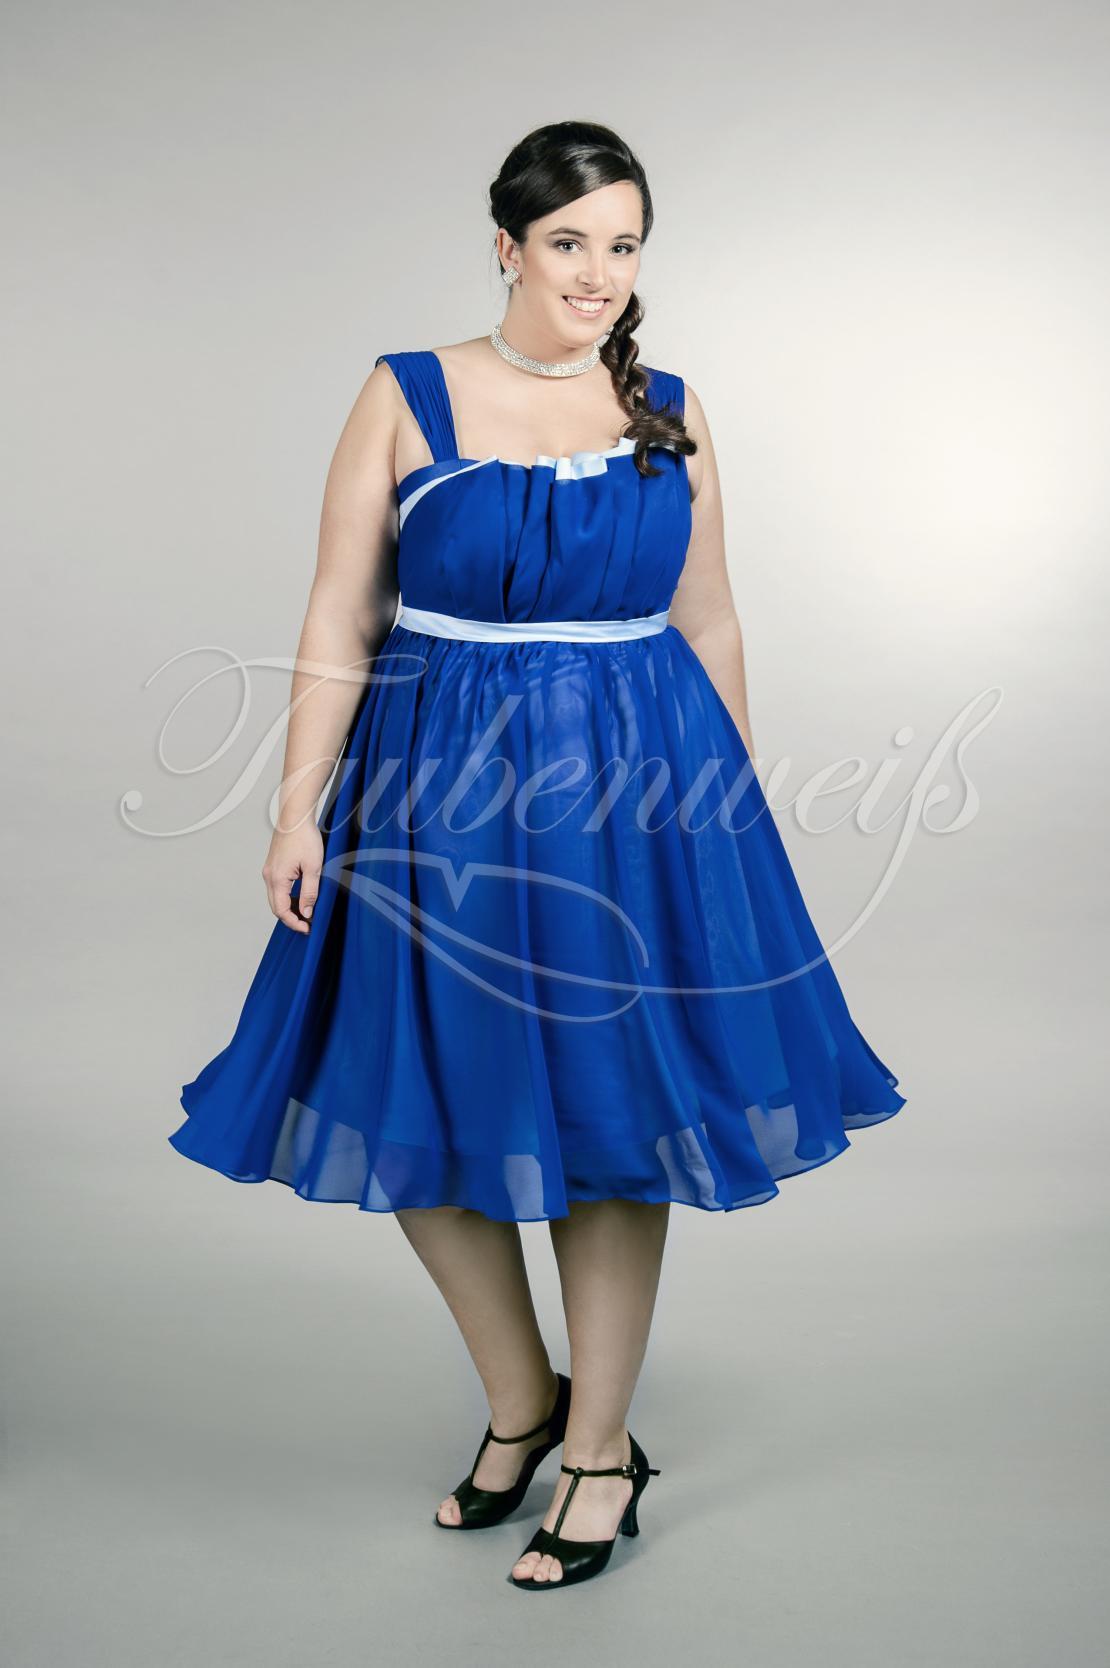 Abendkleid TW17A - Abendkleid Übergröße Plus XXL Große Größe Chiffon kurz  dunkelblau Träger